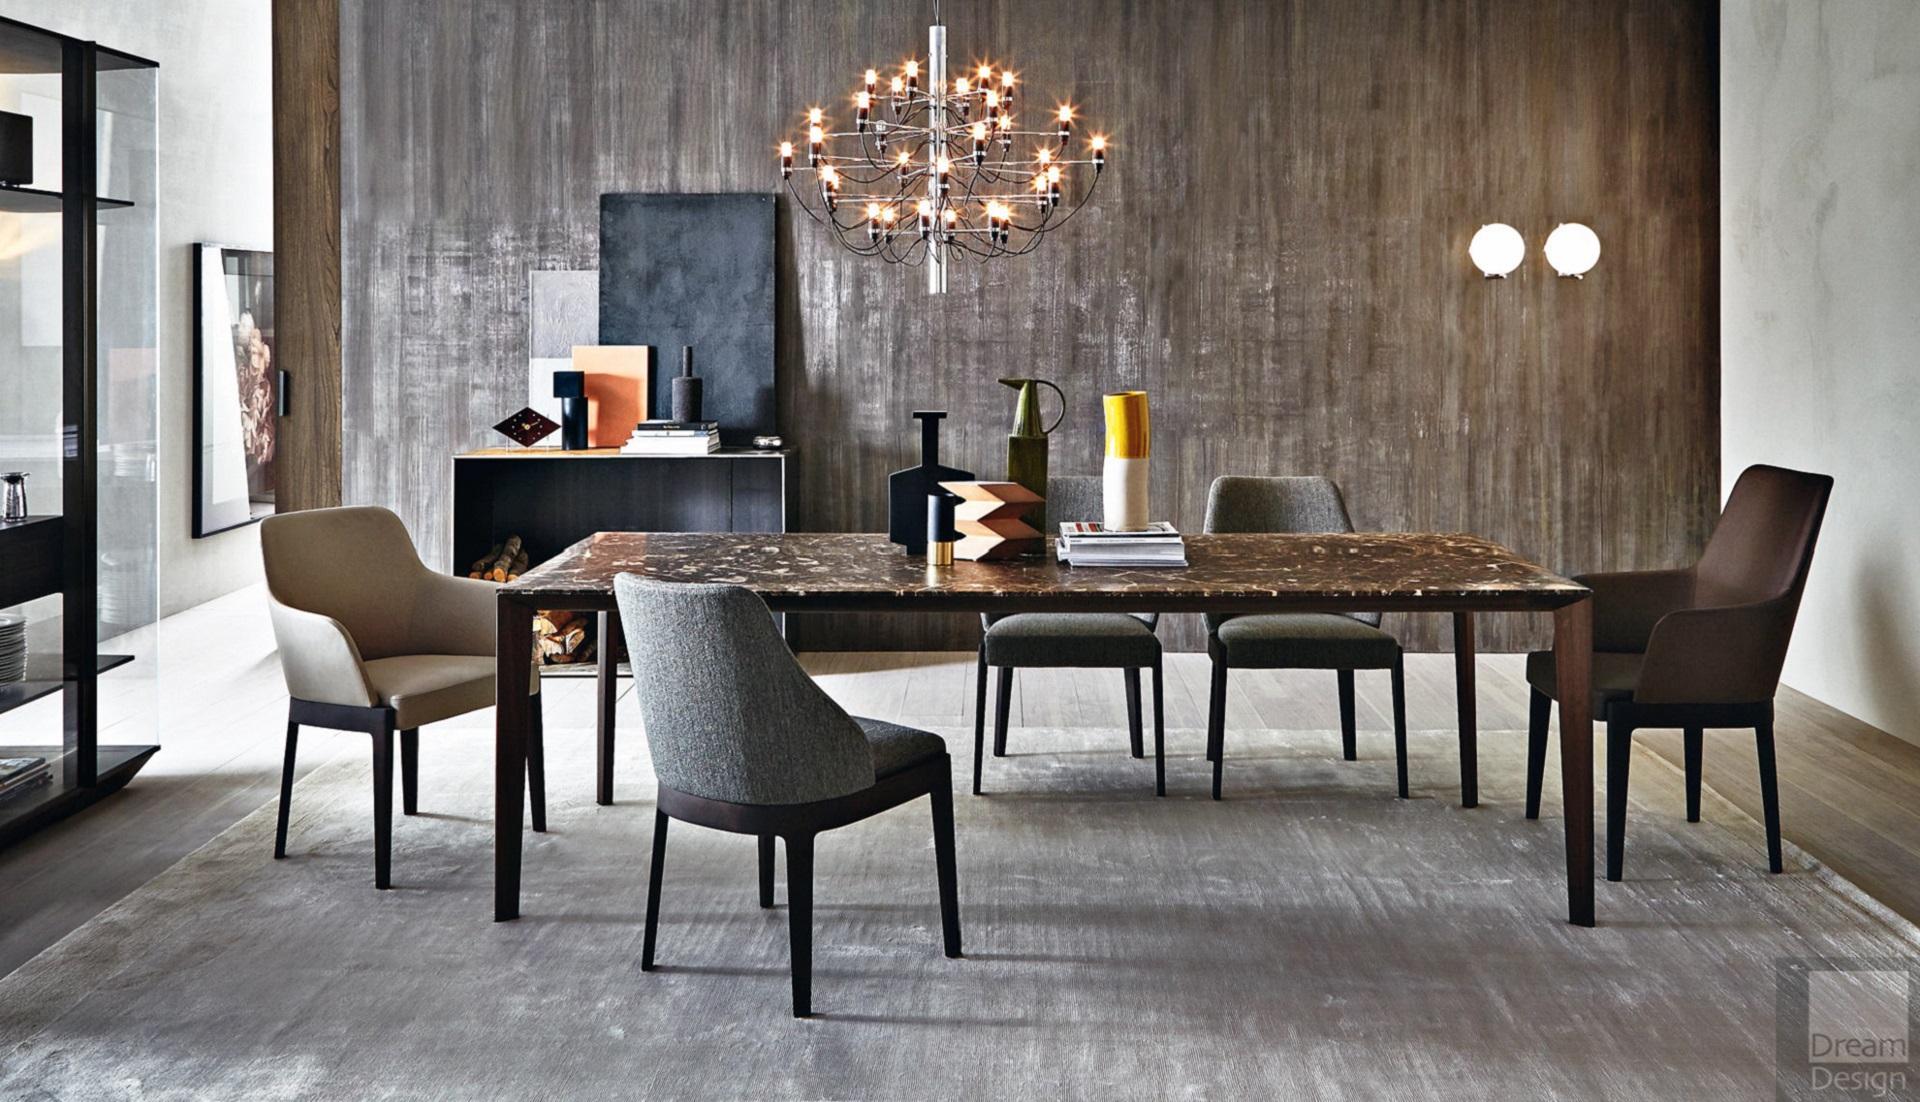 Molteni c filigree table dream design interiors ltd for Molteni furniture